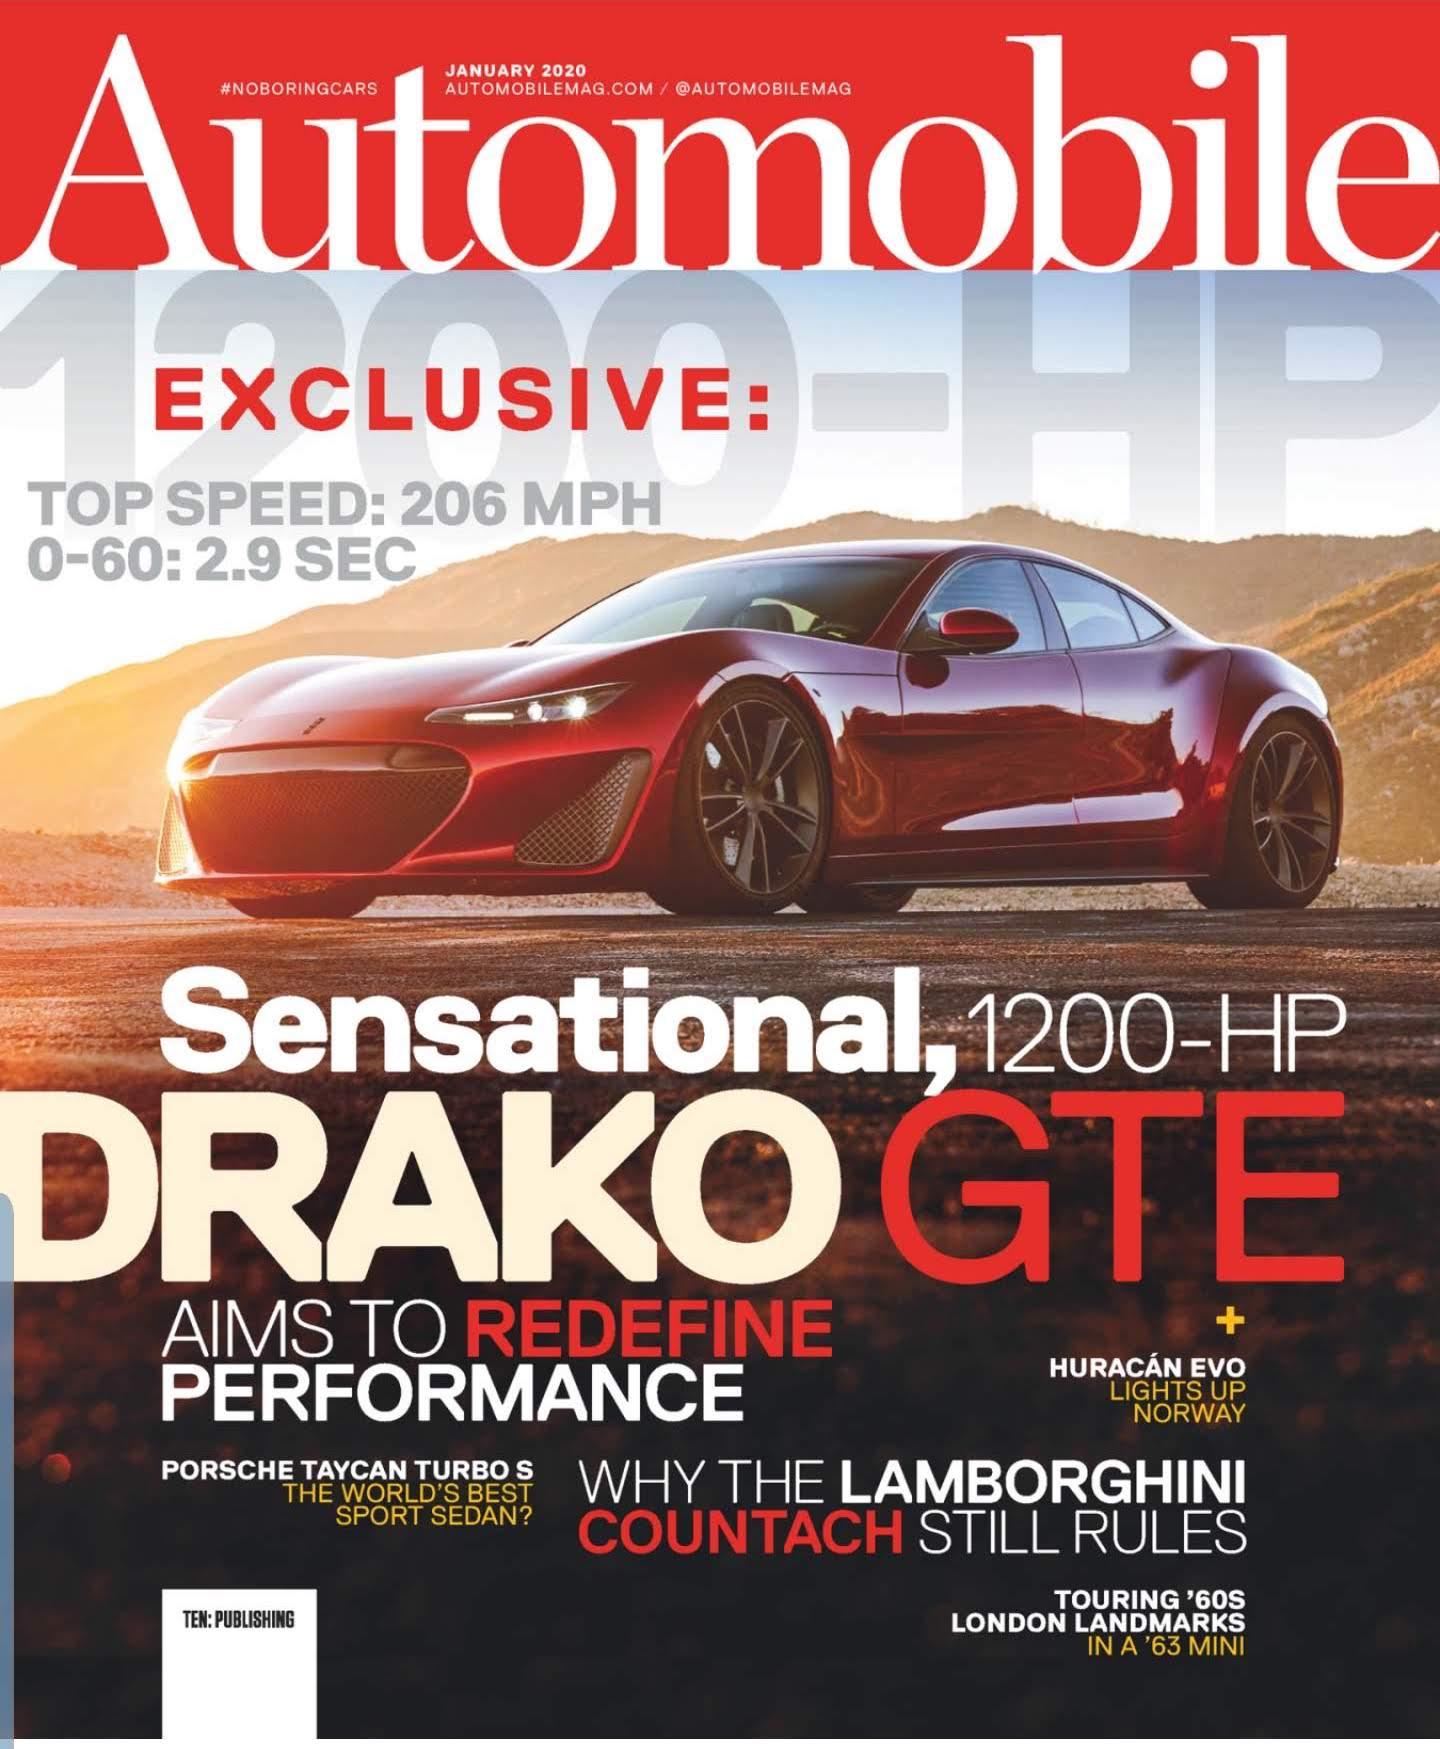 Automobile Magazine cover of Drako GTE